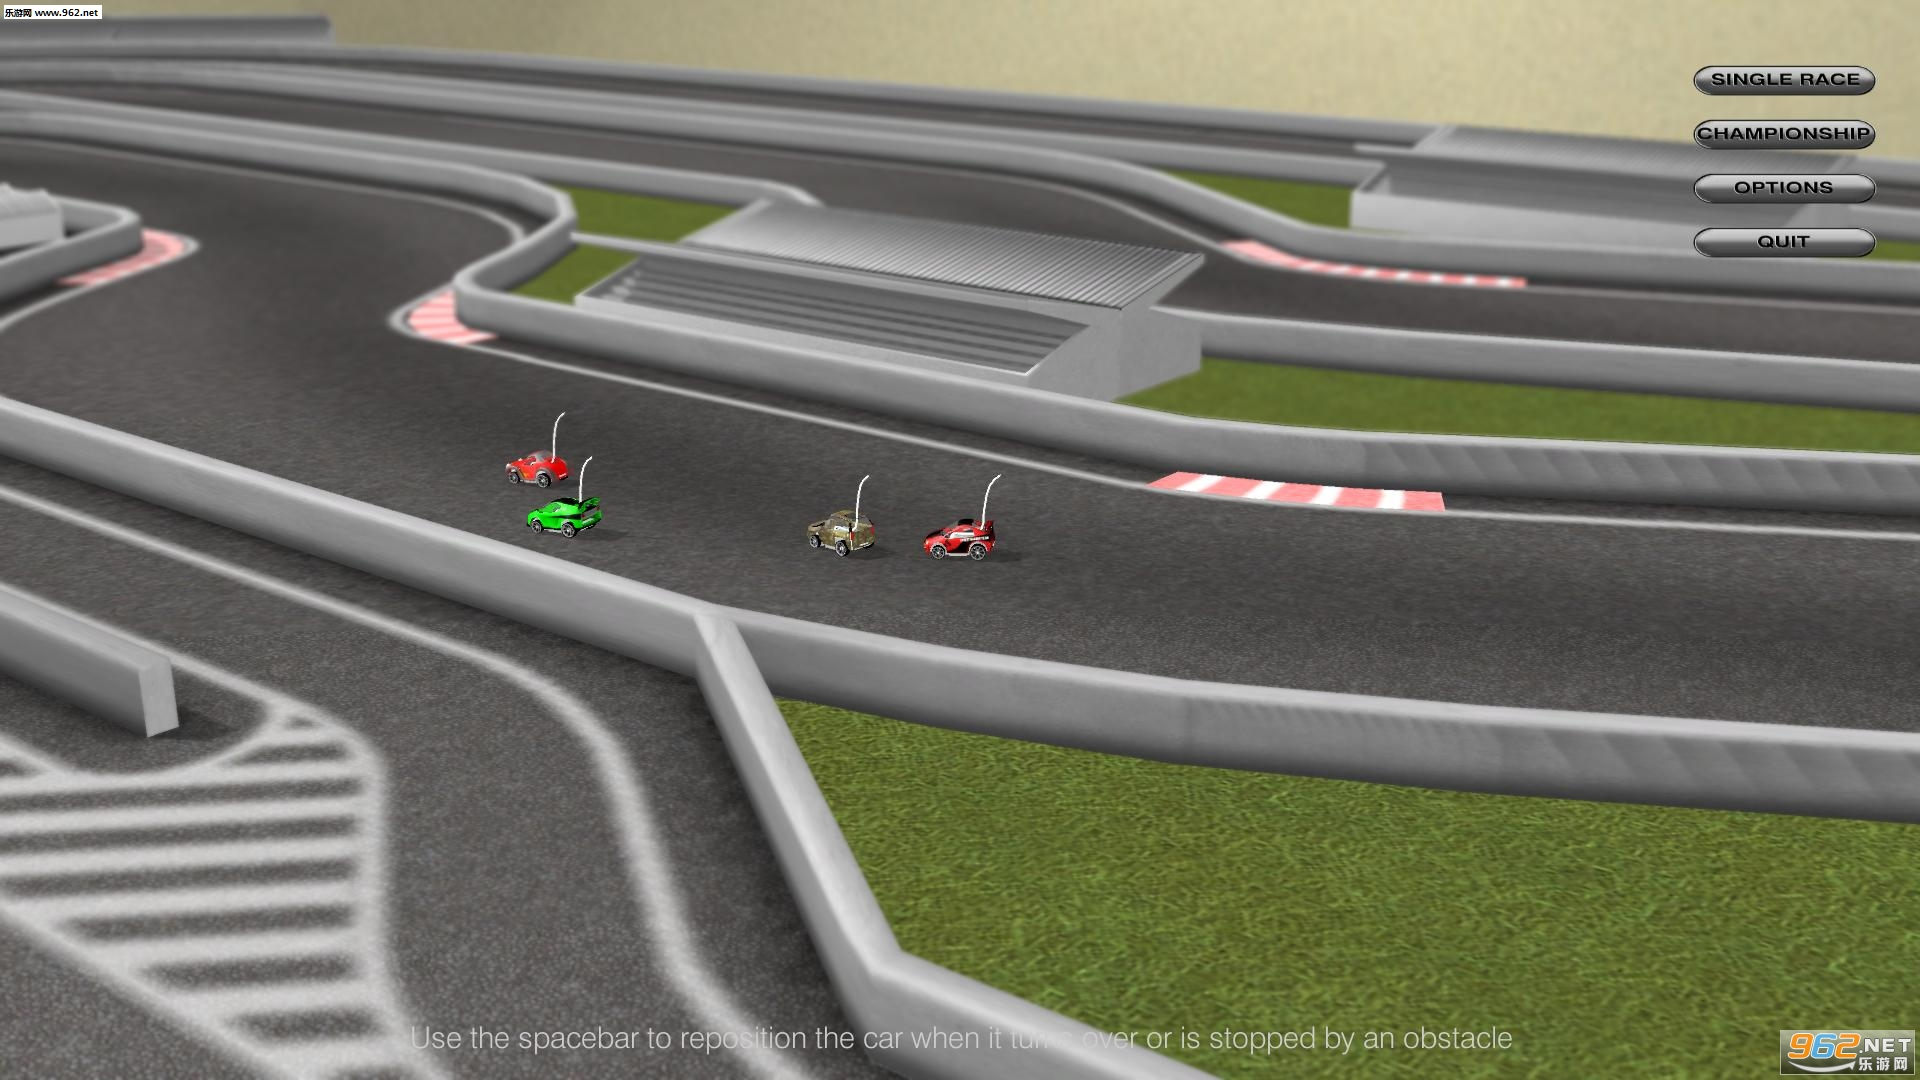 遥控赛车模拟破解版截图5